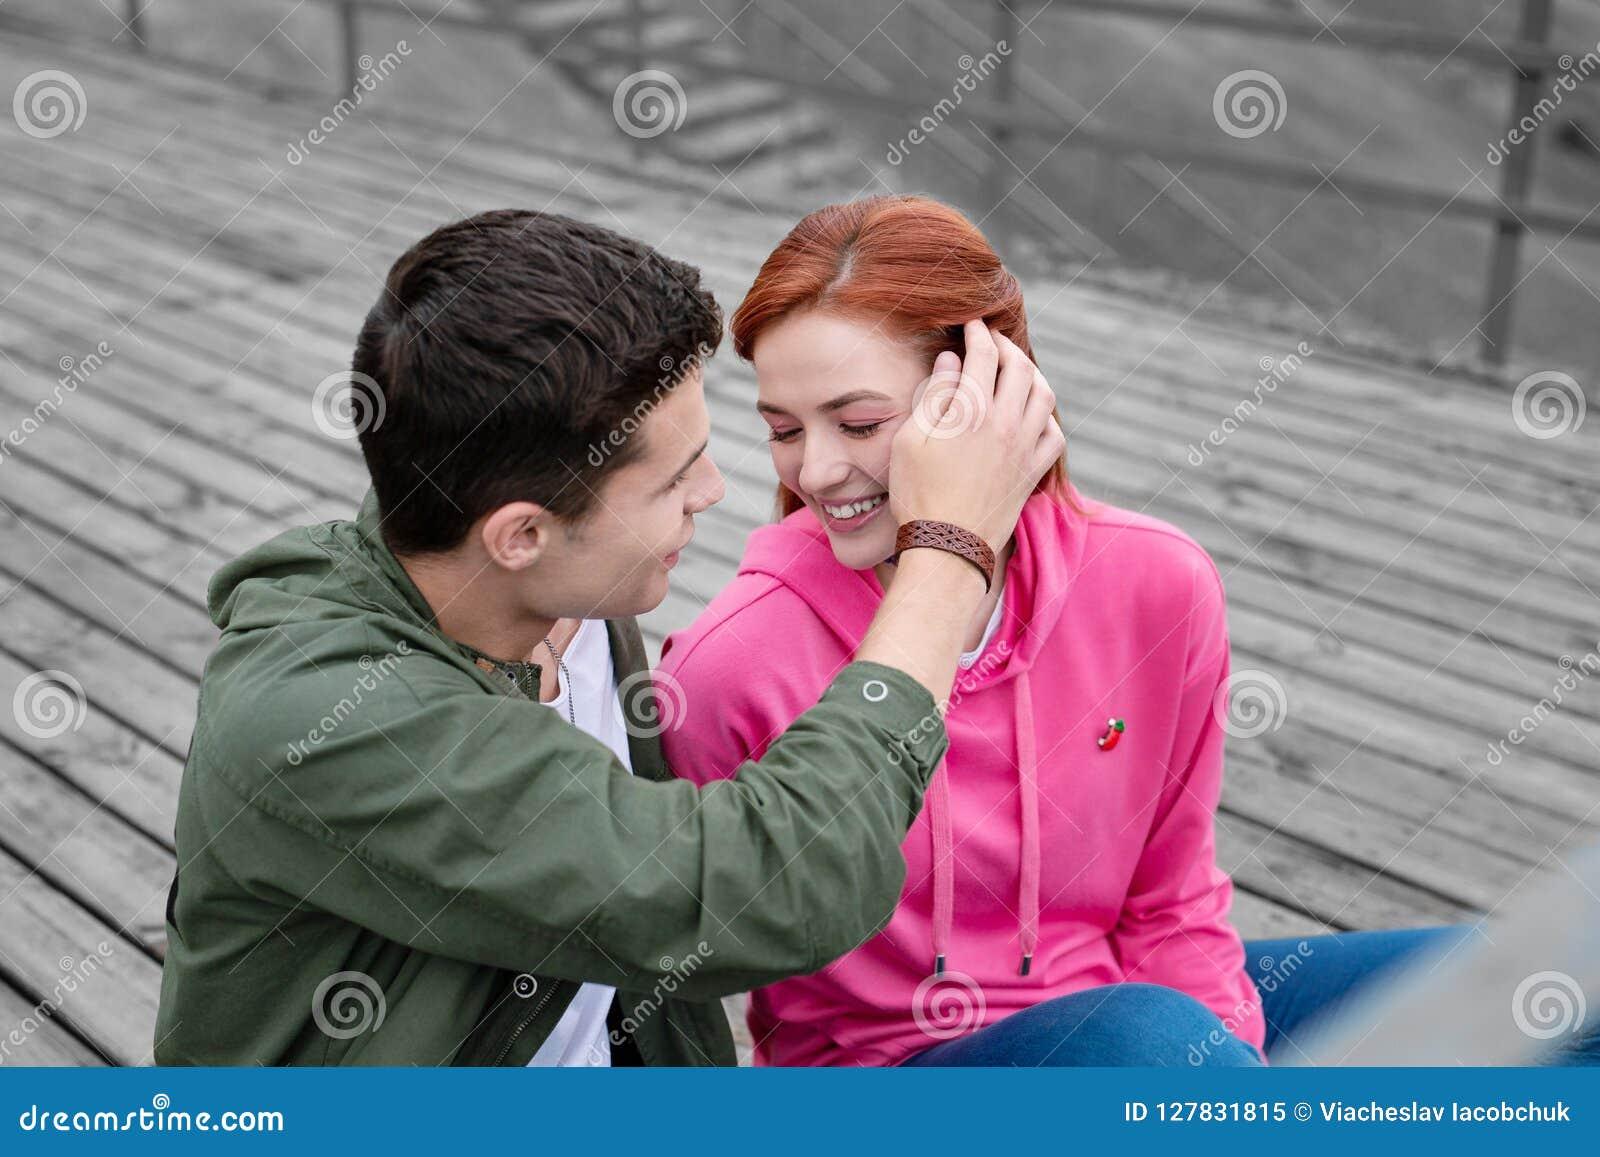 filipino dating culture